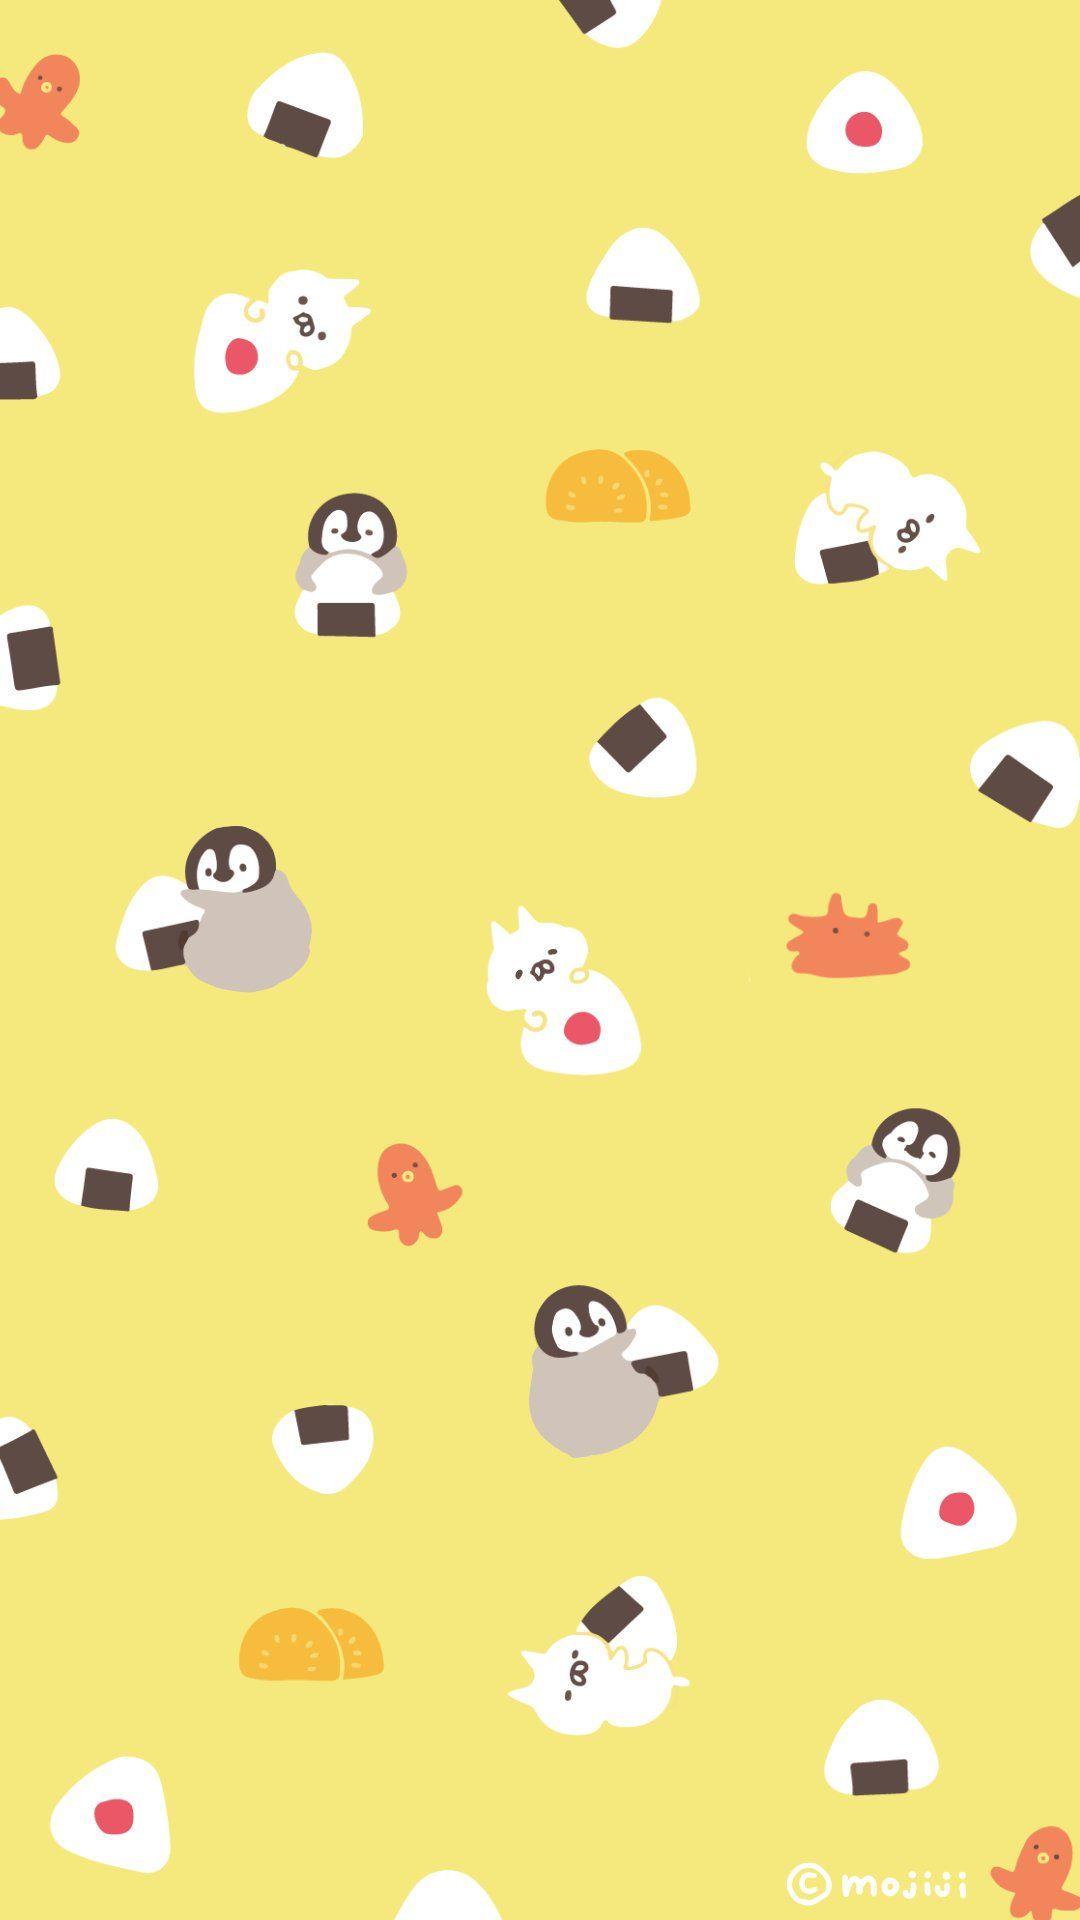 Twitter ホーム画面 かわいい うさまる 壁紙 かわいいパターン